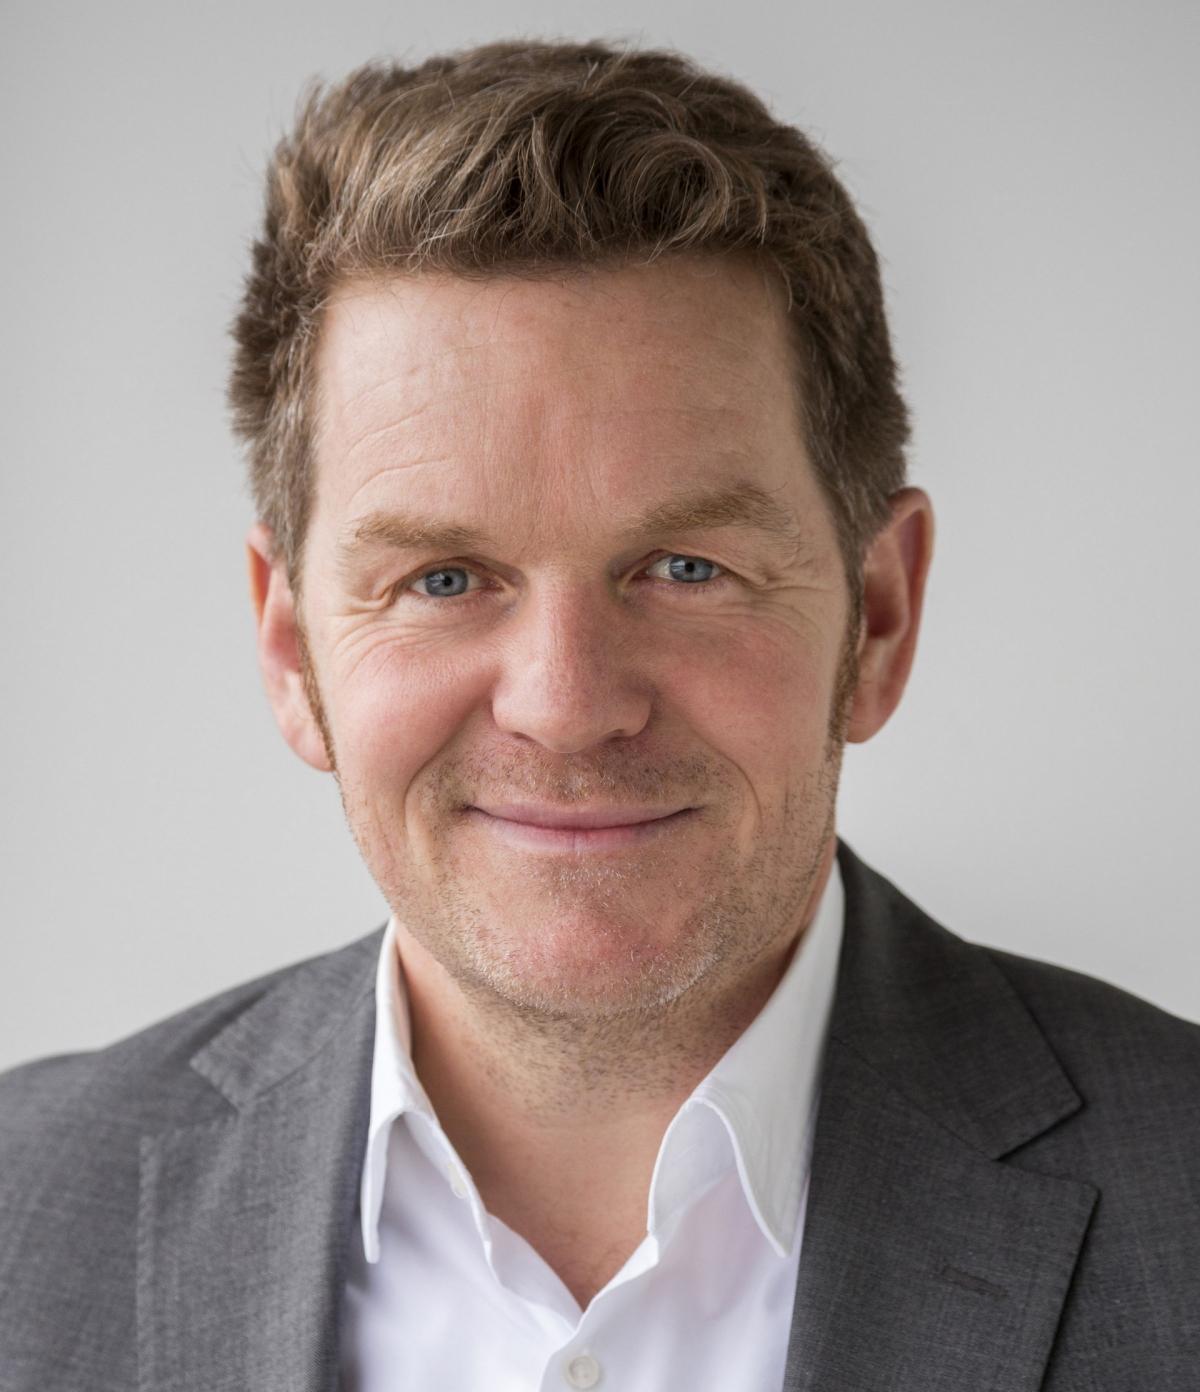 Andreas Mindt - Giám đốc thiết kế ngoại thất mới của Bentley.